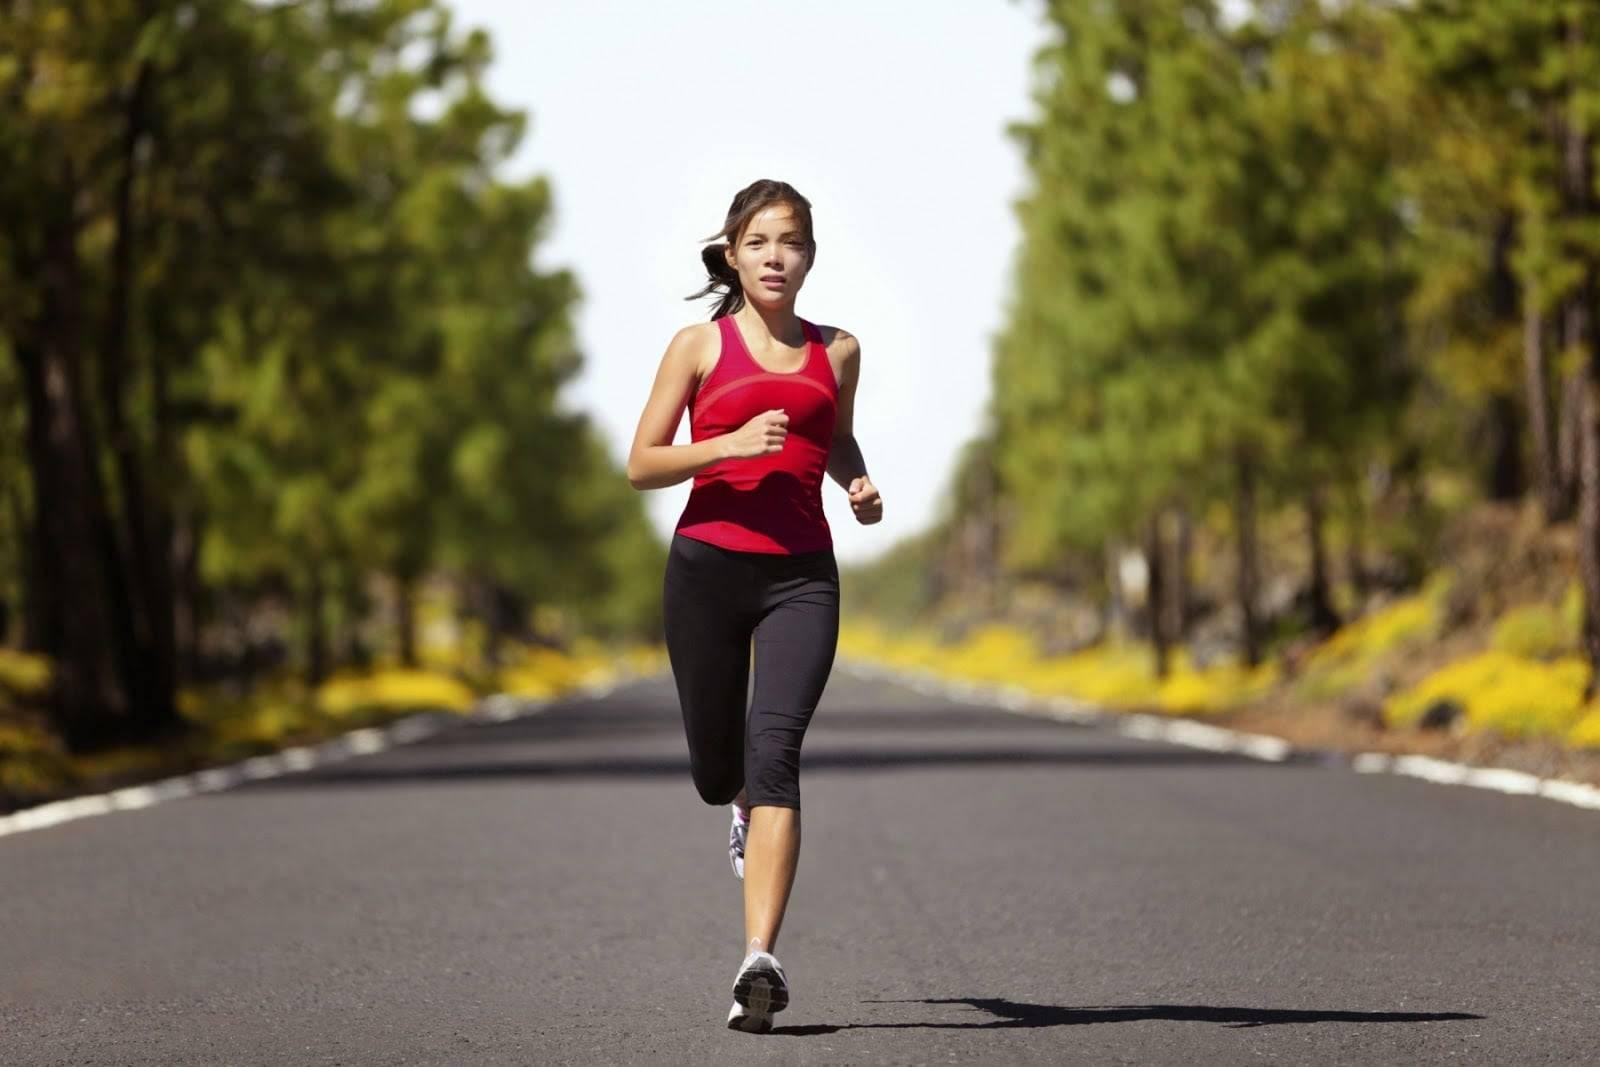 Утреннее кардио для похудения: принципы проведения тренировок,  кардиотренировки с утра, вечером силовые для сжигания жира